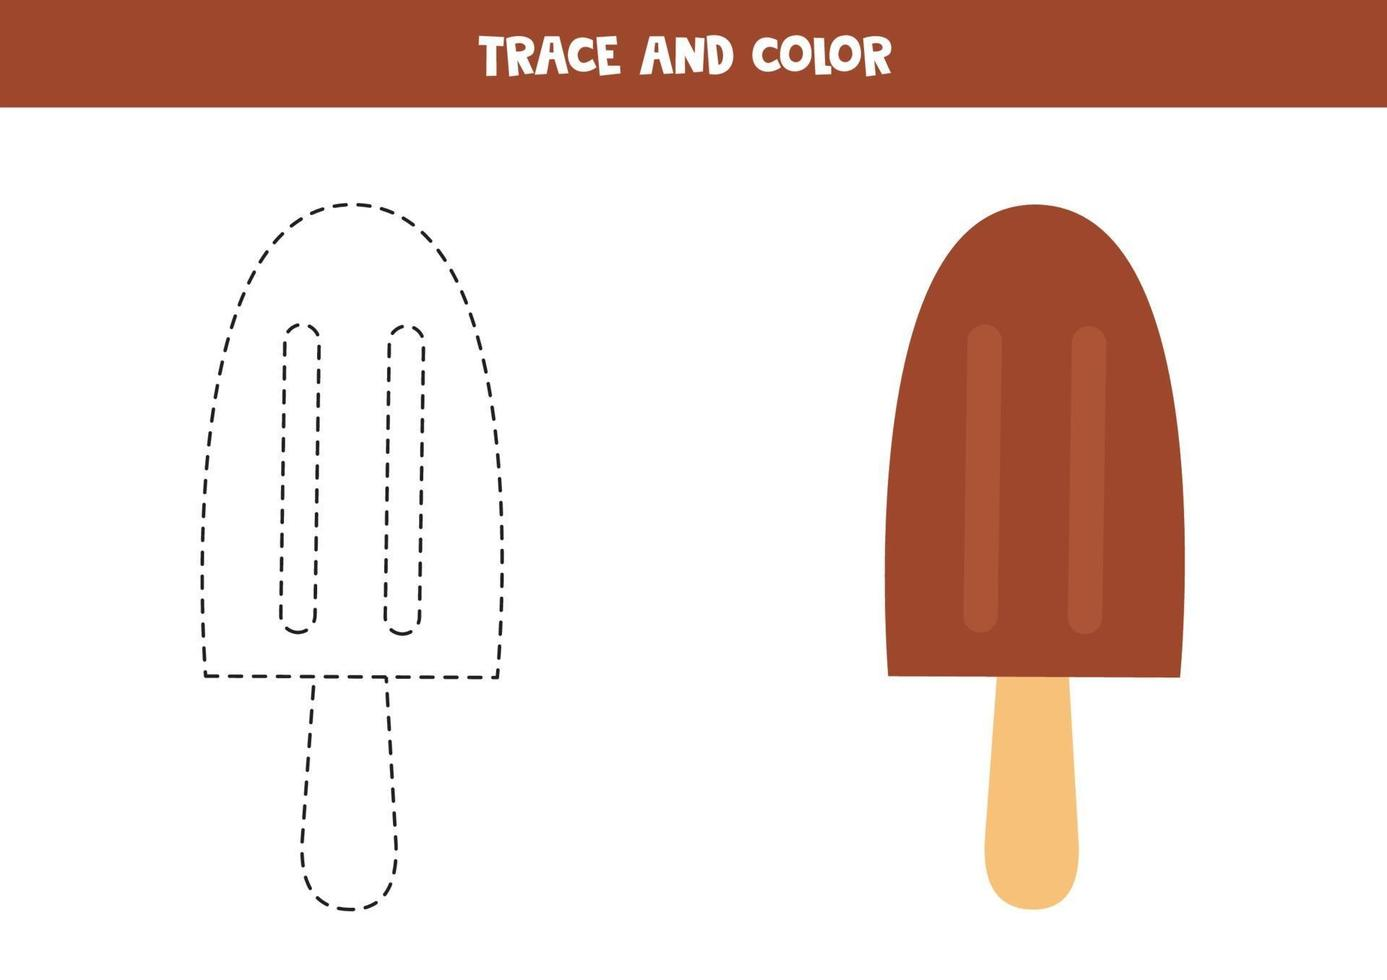 spår och färg chokladglass. utrymme kalkylblad för barn. vektor